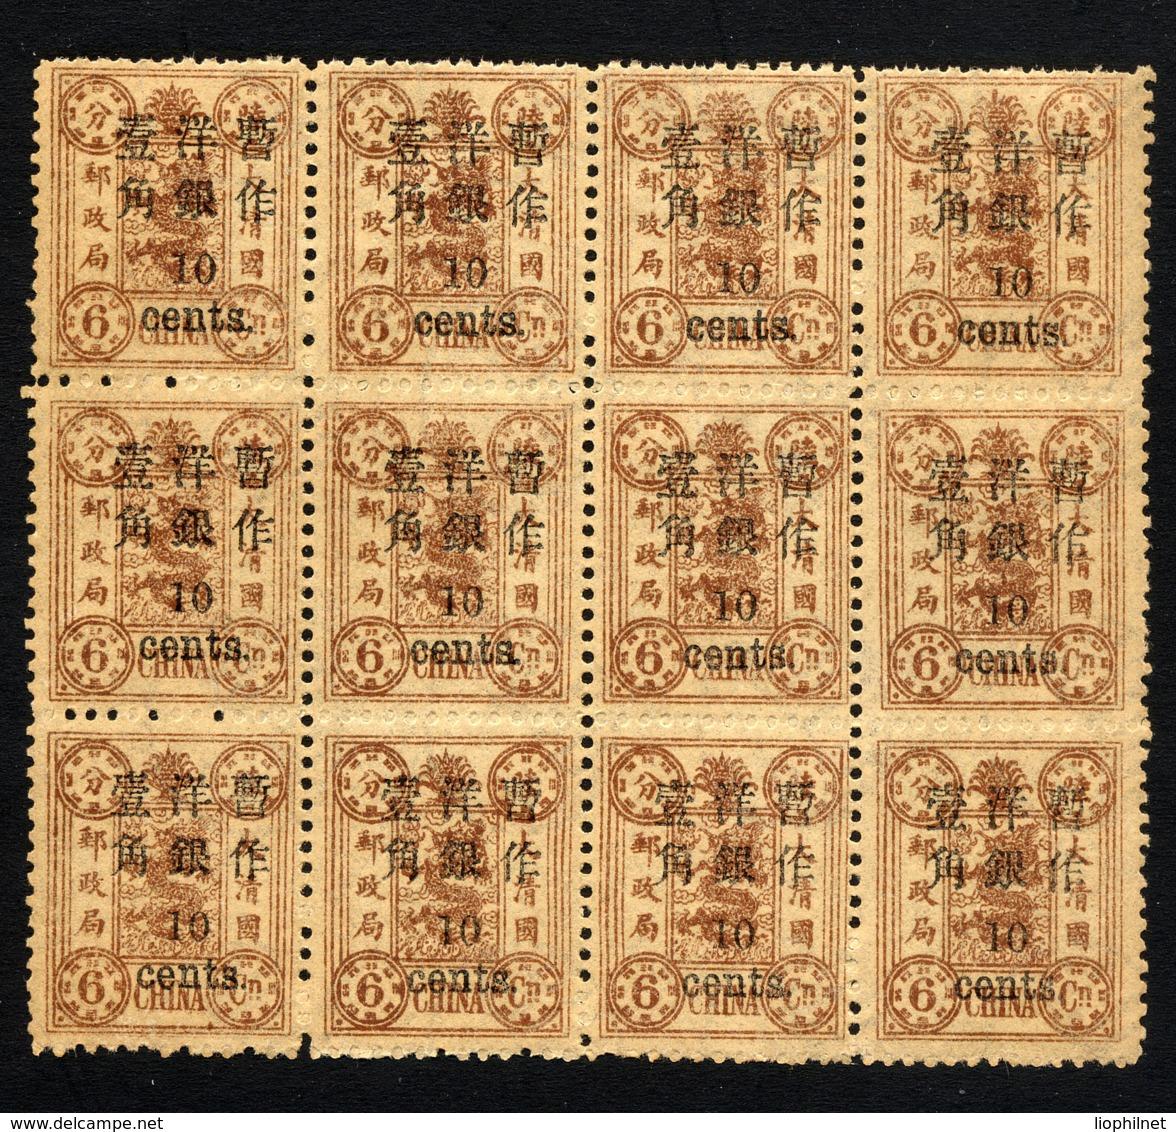 CHINE CHINA 1897, Yvert 22**, Bloc De 12 Exemplaires, Impératrice Douairière, Surcharge 10c Sur 6c Brun, Neuf** / MNH - Neufs